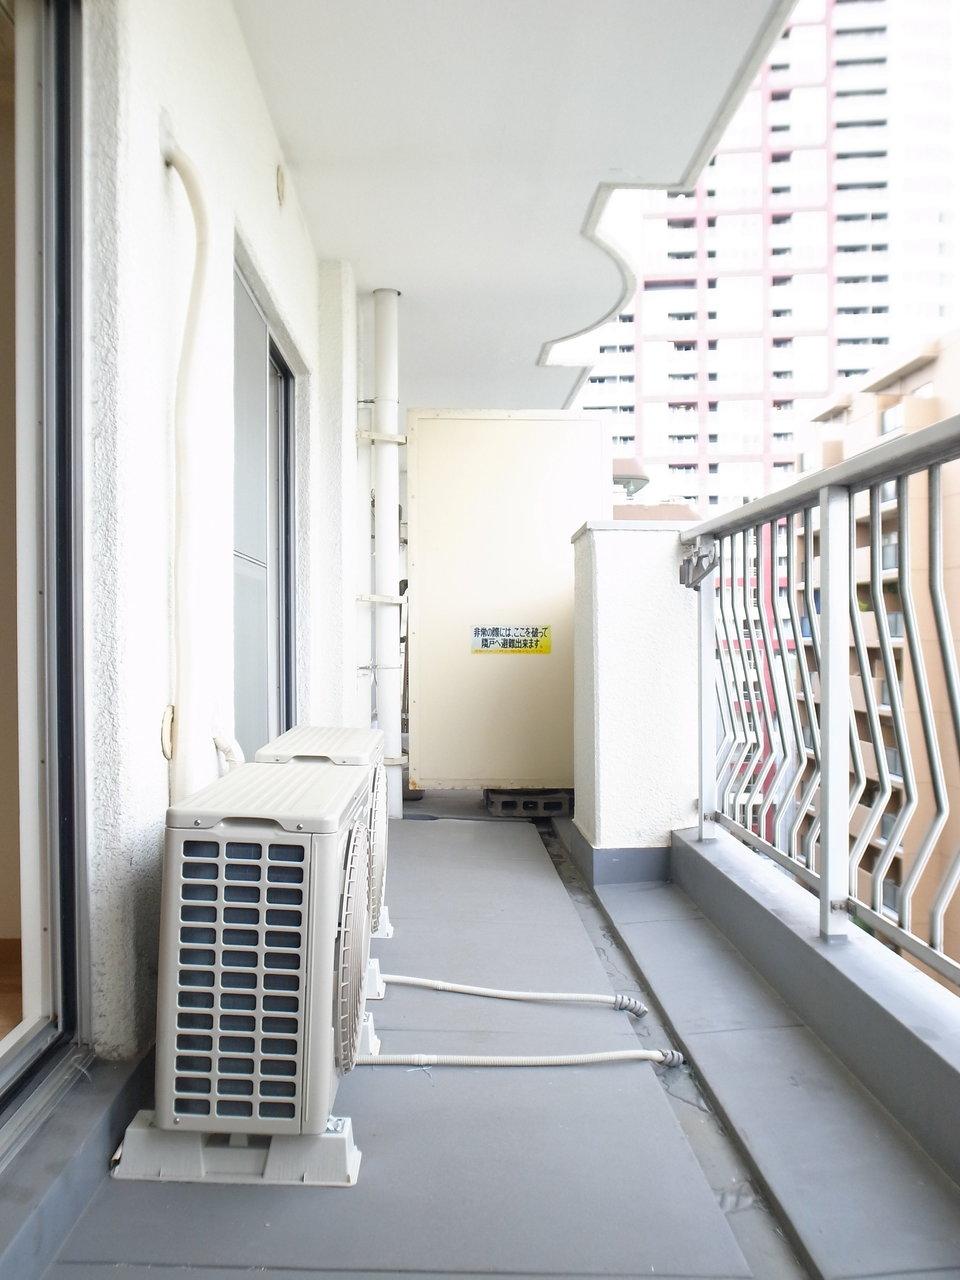 2部屋分の幅がある広いベランダ。洗濯物を干すだけじゃもったいない!ベランダガーデニングにチャレンジするチャンスです!